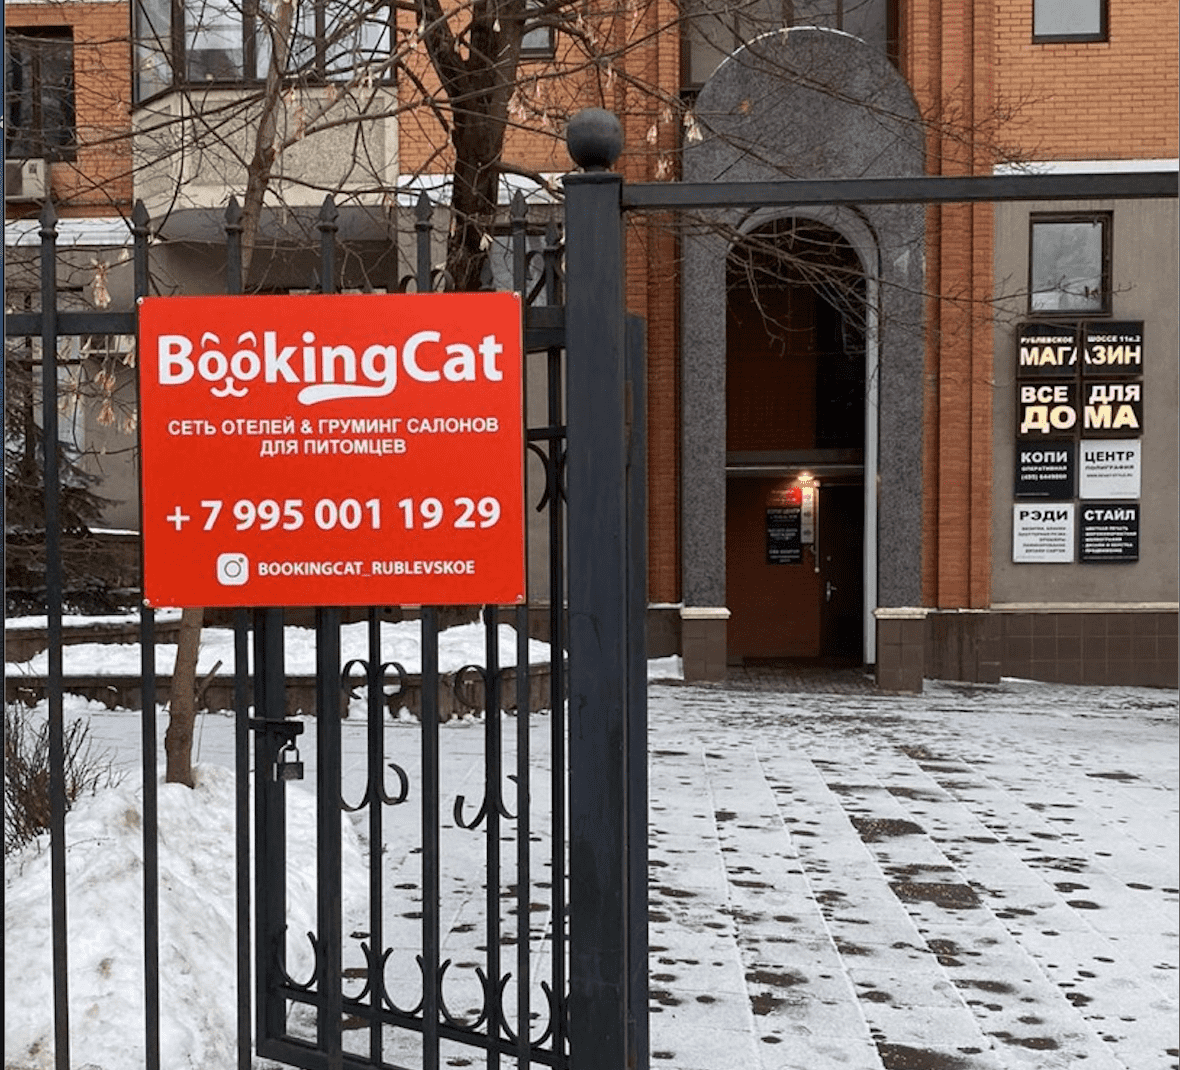 BookingCat Рублевское